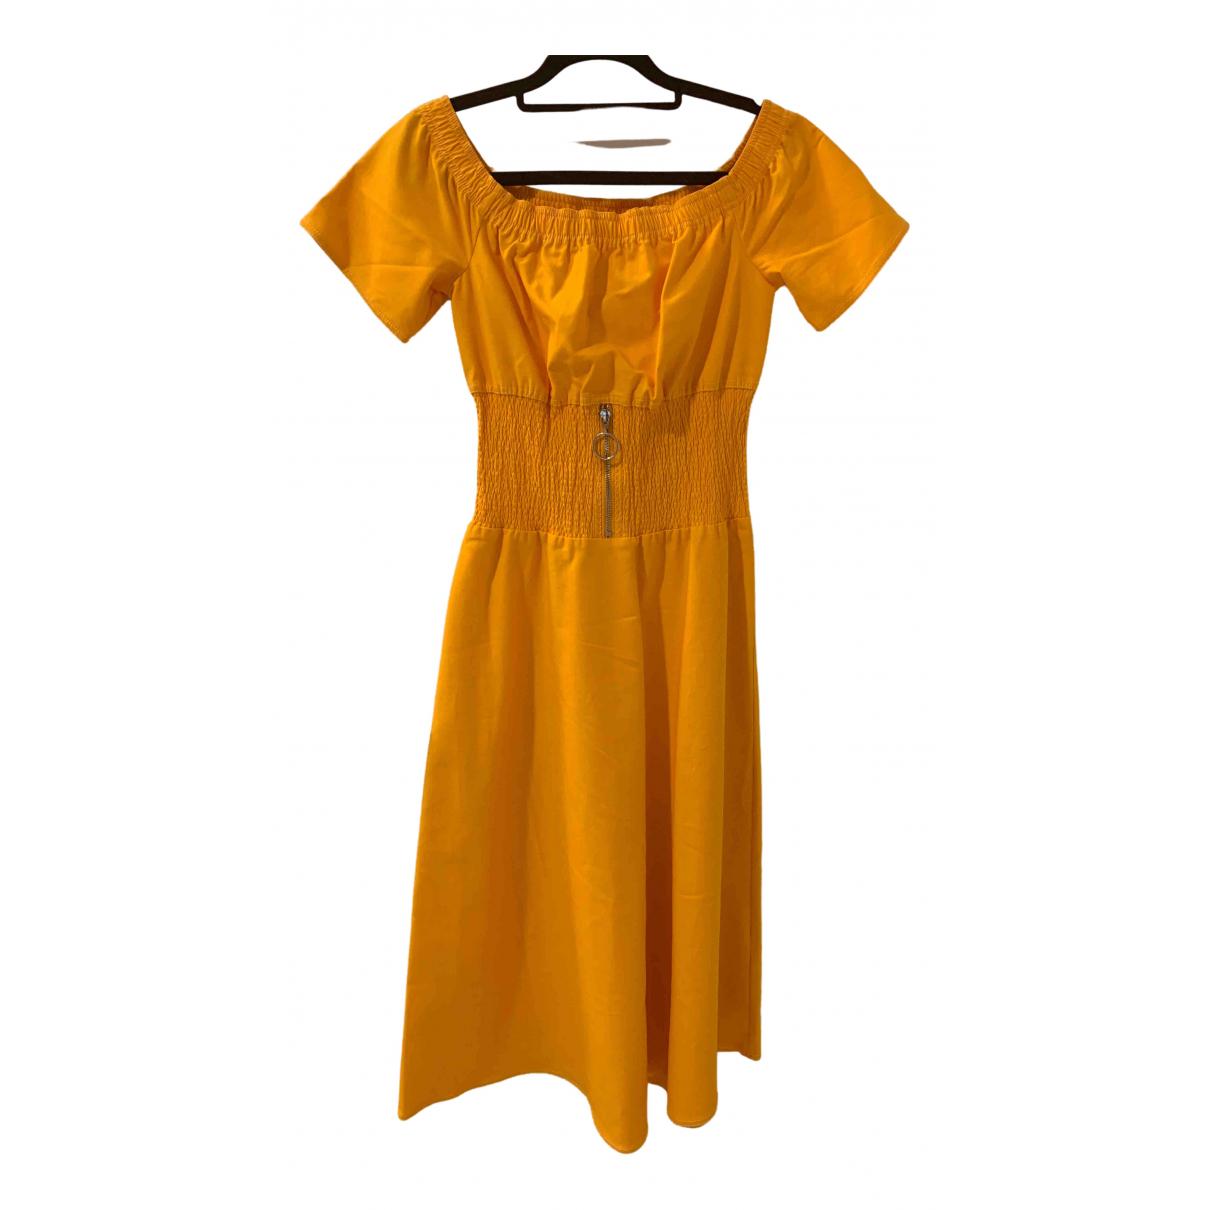 Maje \N Kleid in  Gelb Baumwolle - Elasthan